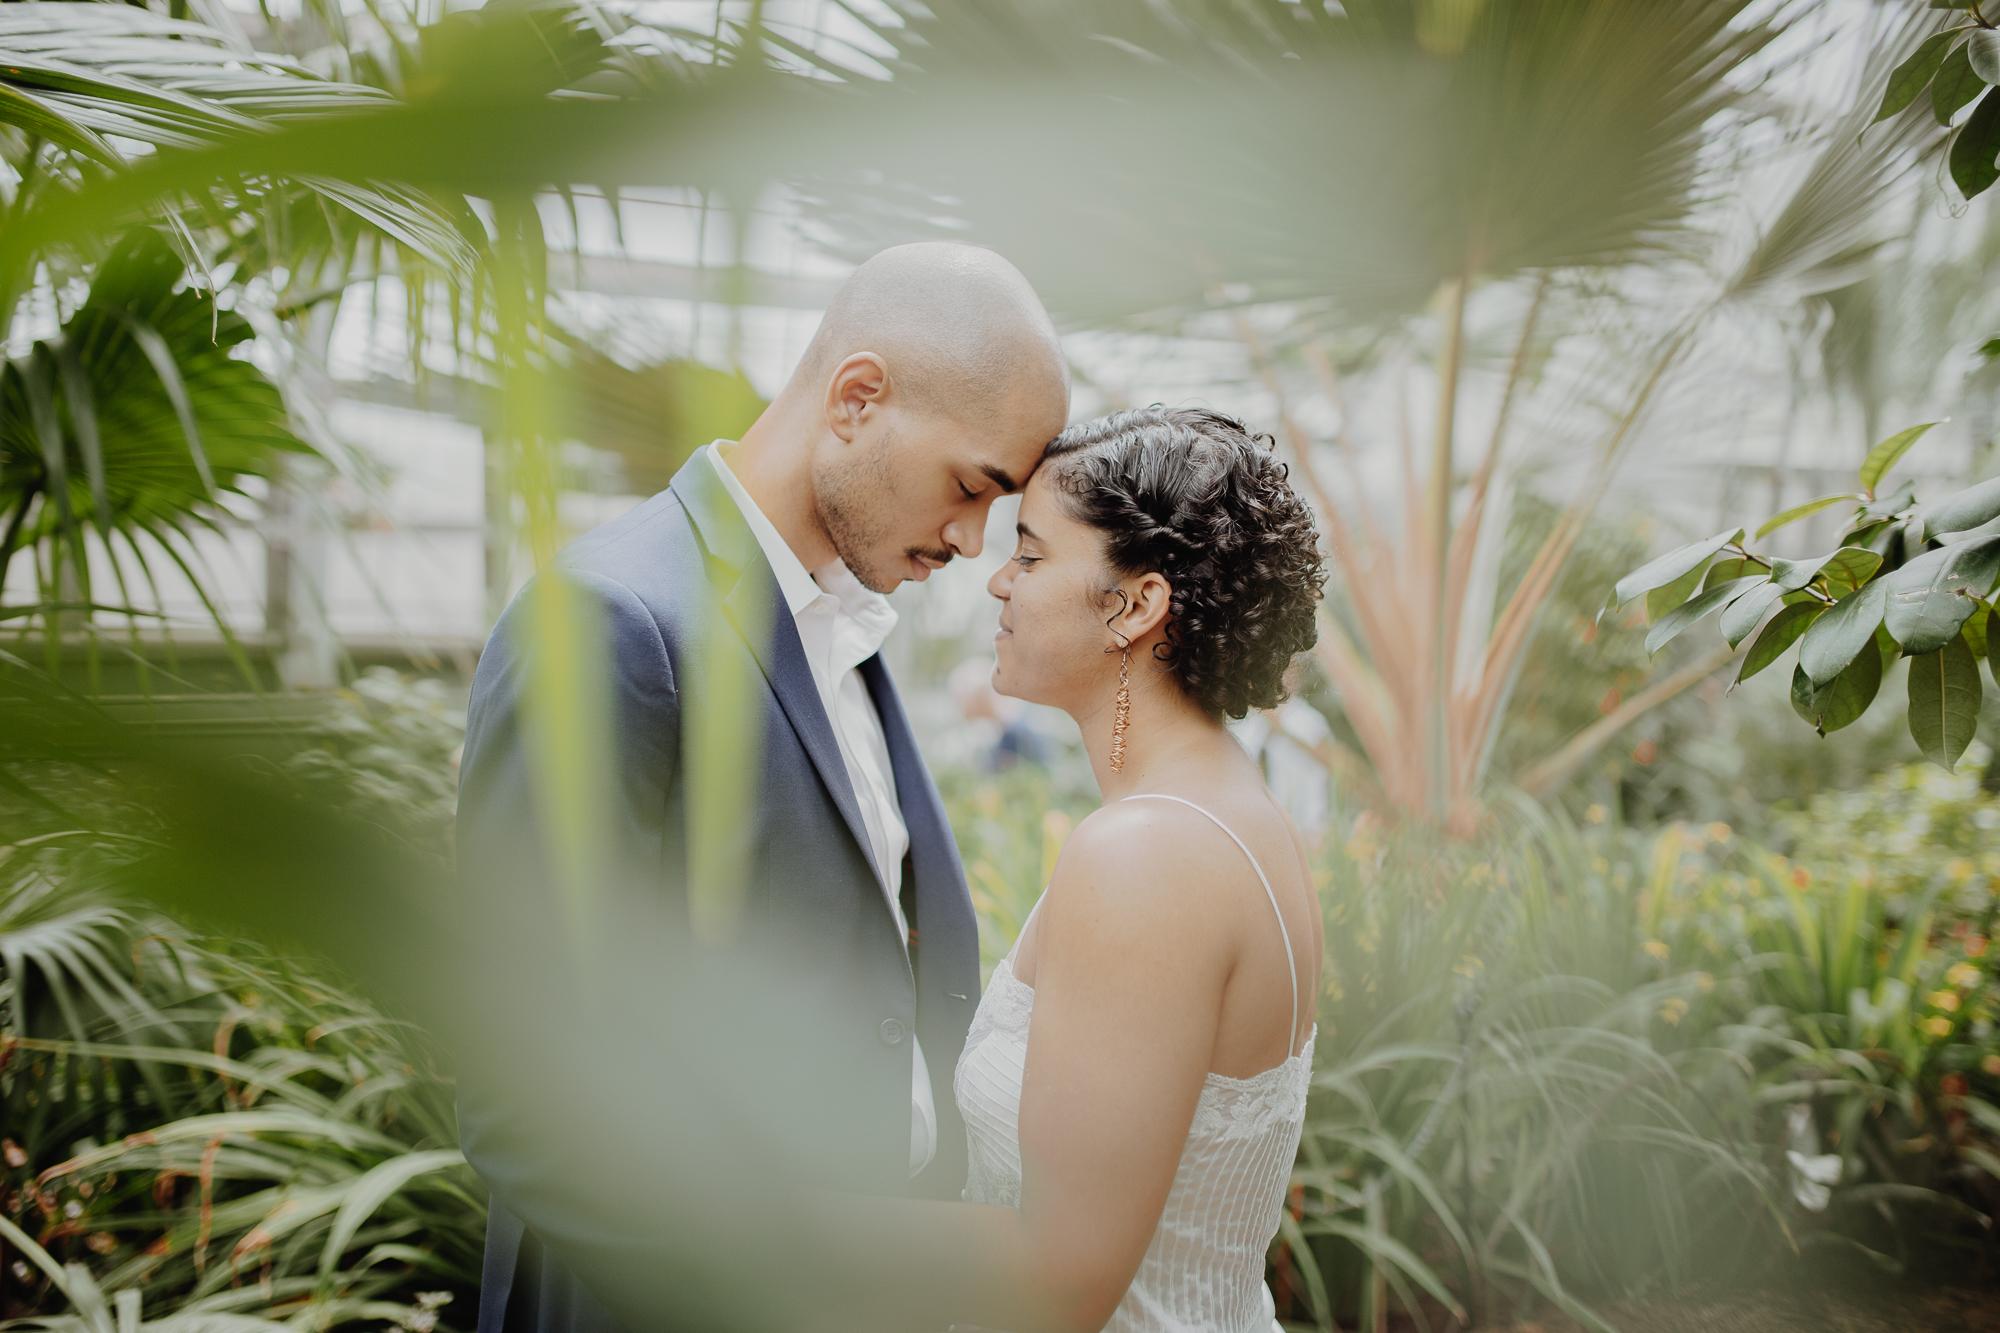 NYC Post-Wedding Photo Shoot